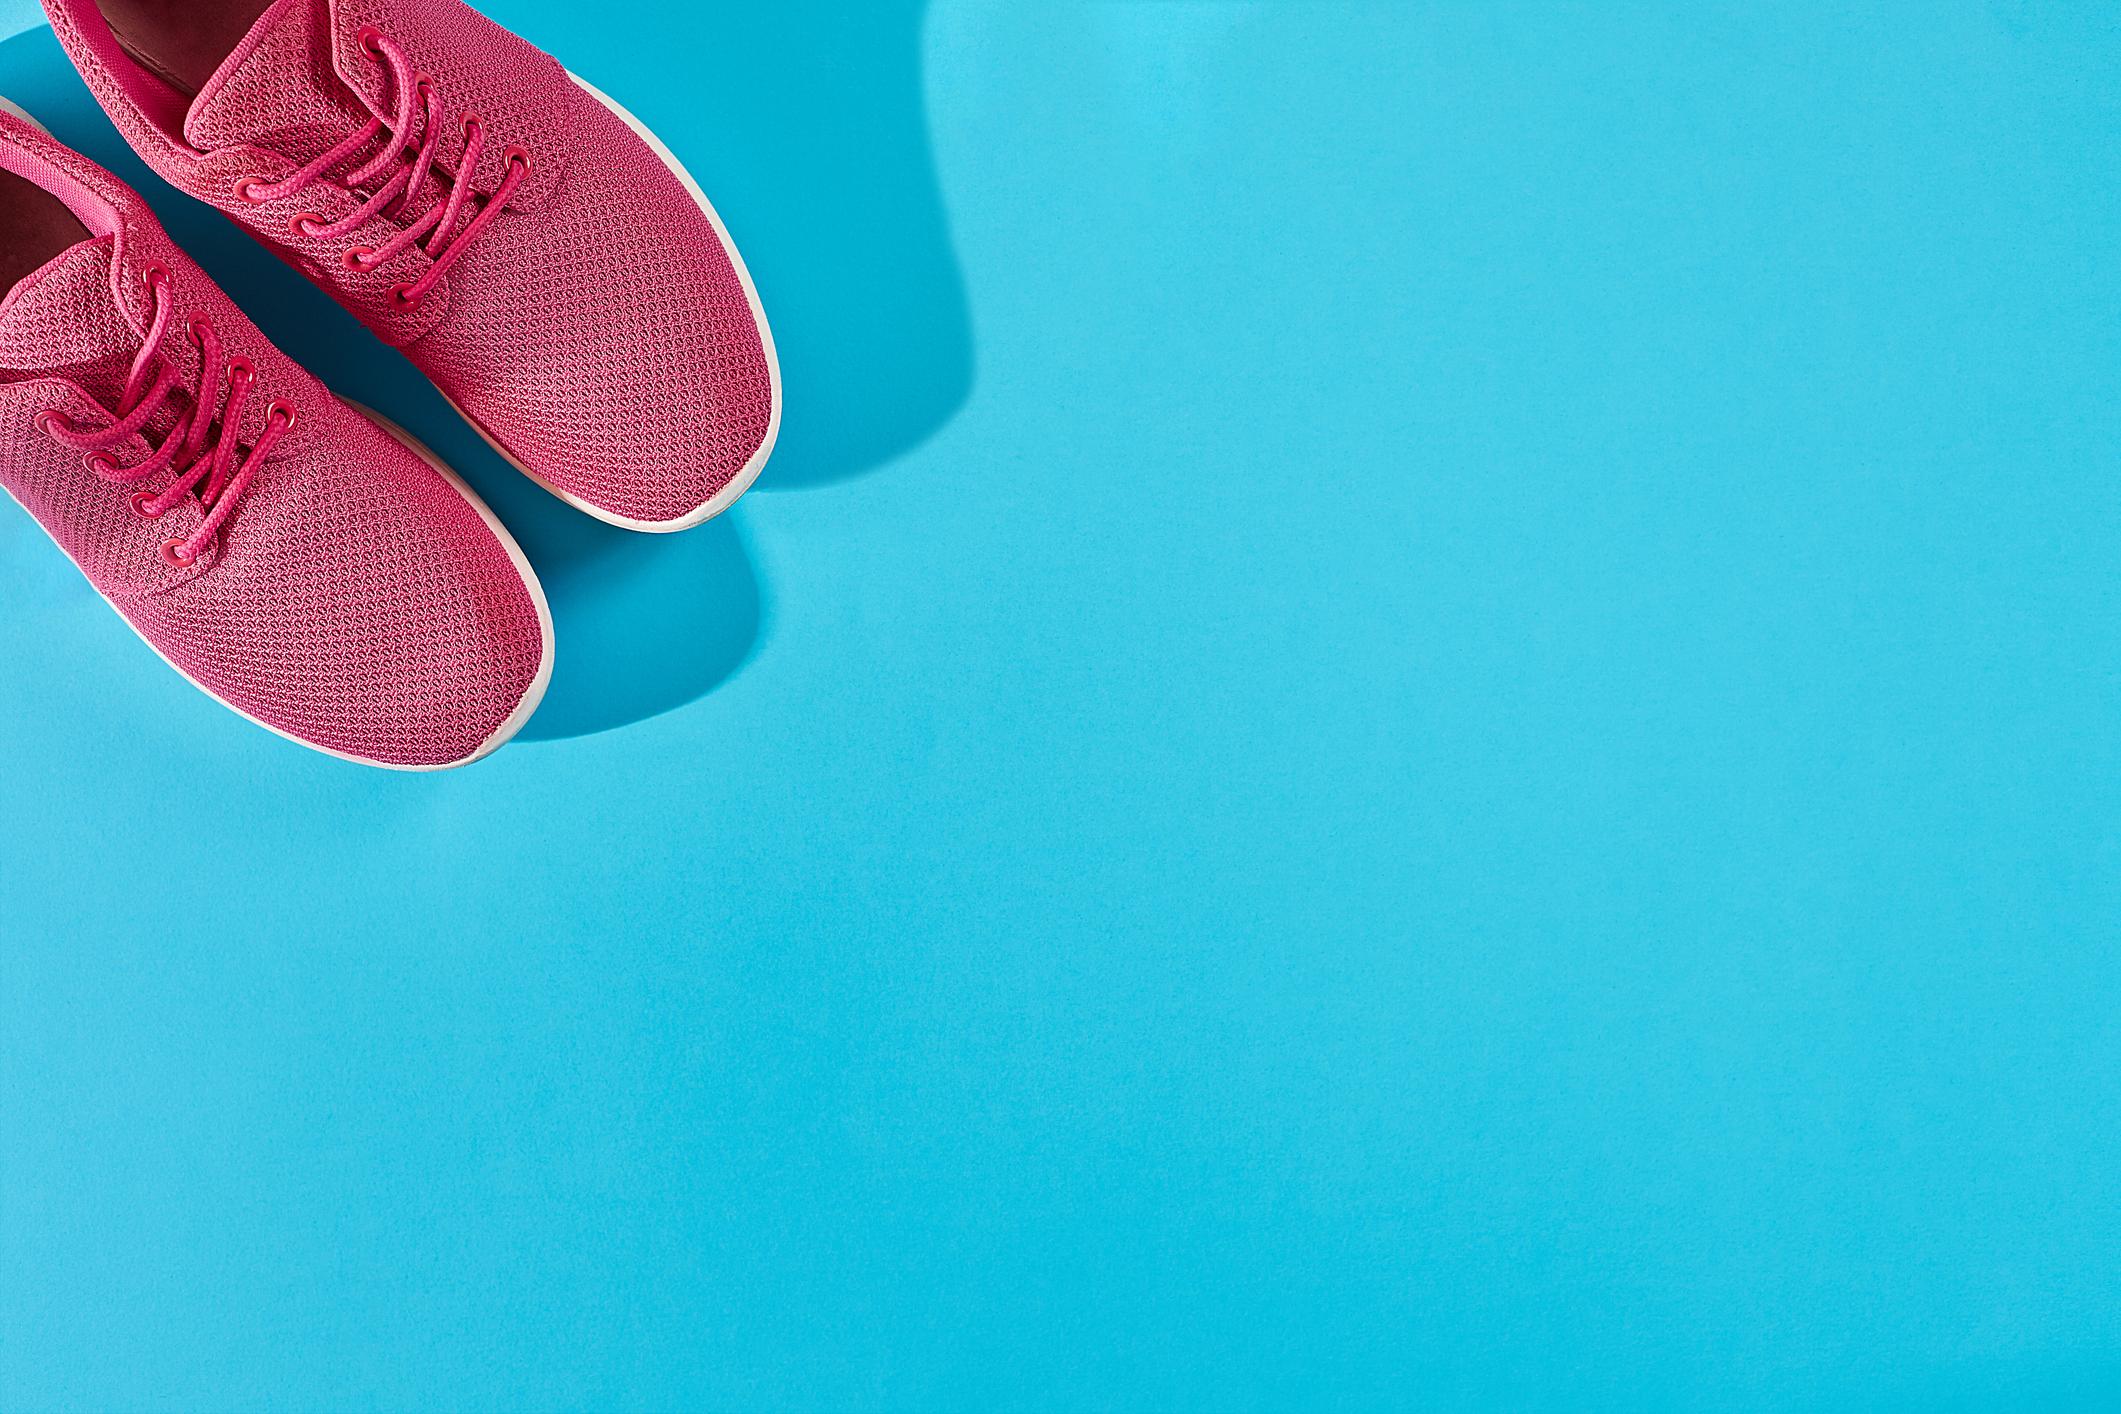 Ортопедичне взуття: підбираємо здоровий формат для дорослих і дітей